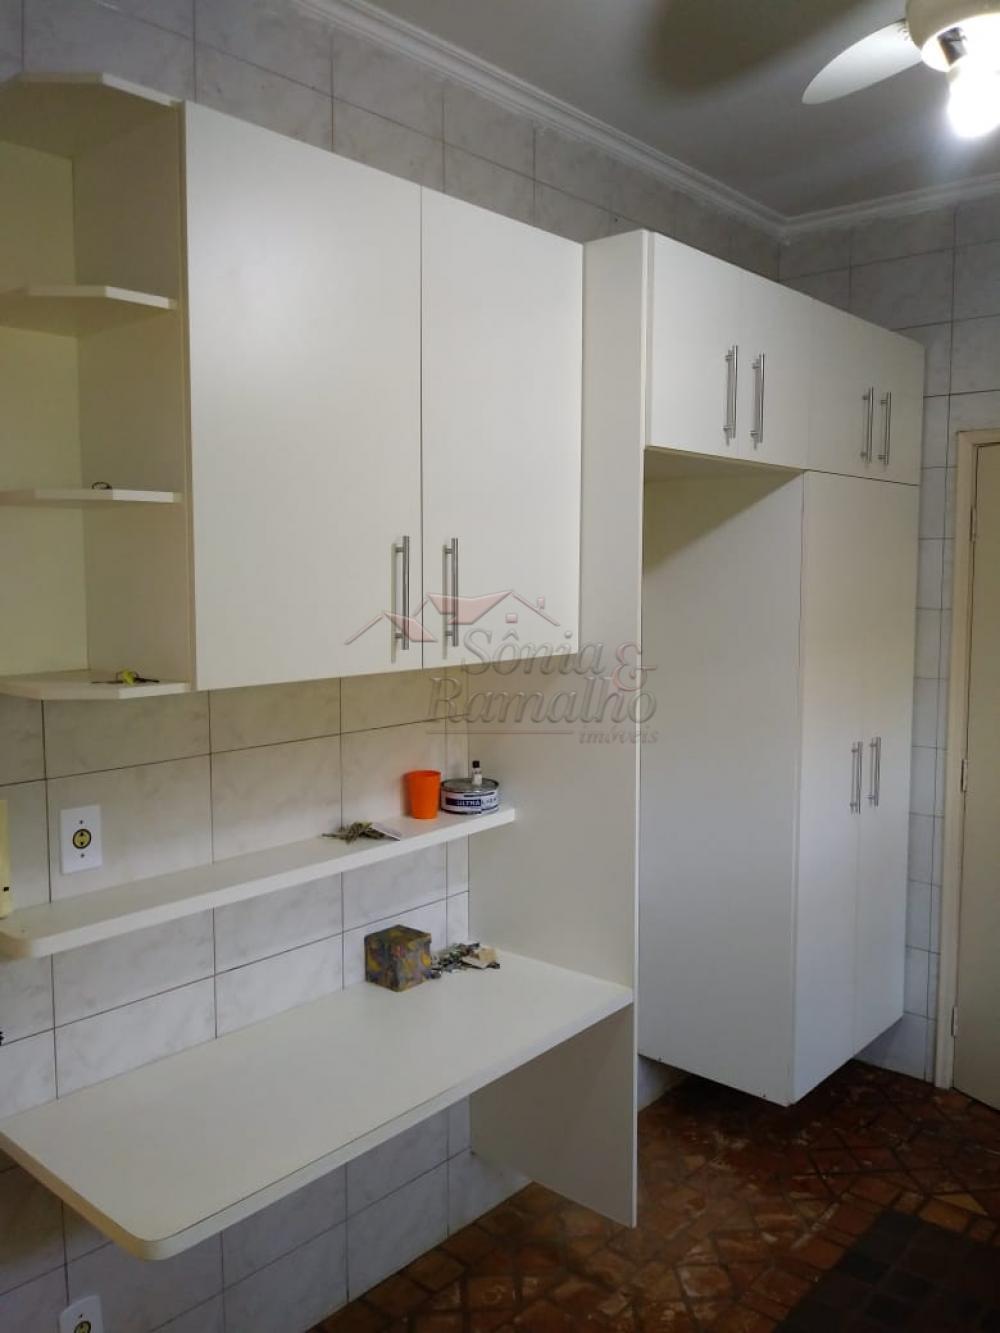 Alugar Casas / Padrão em Ribeirão Preto apenas R$ 3.600,00 - Foto 14